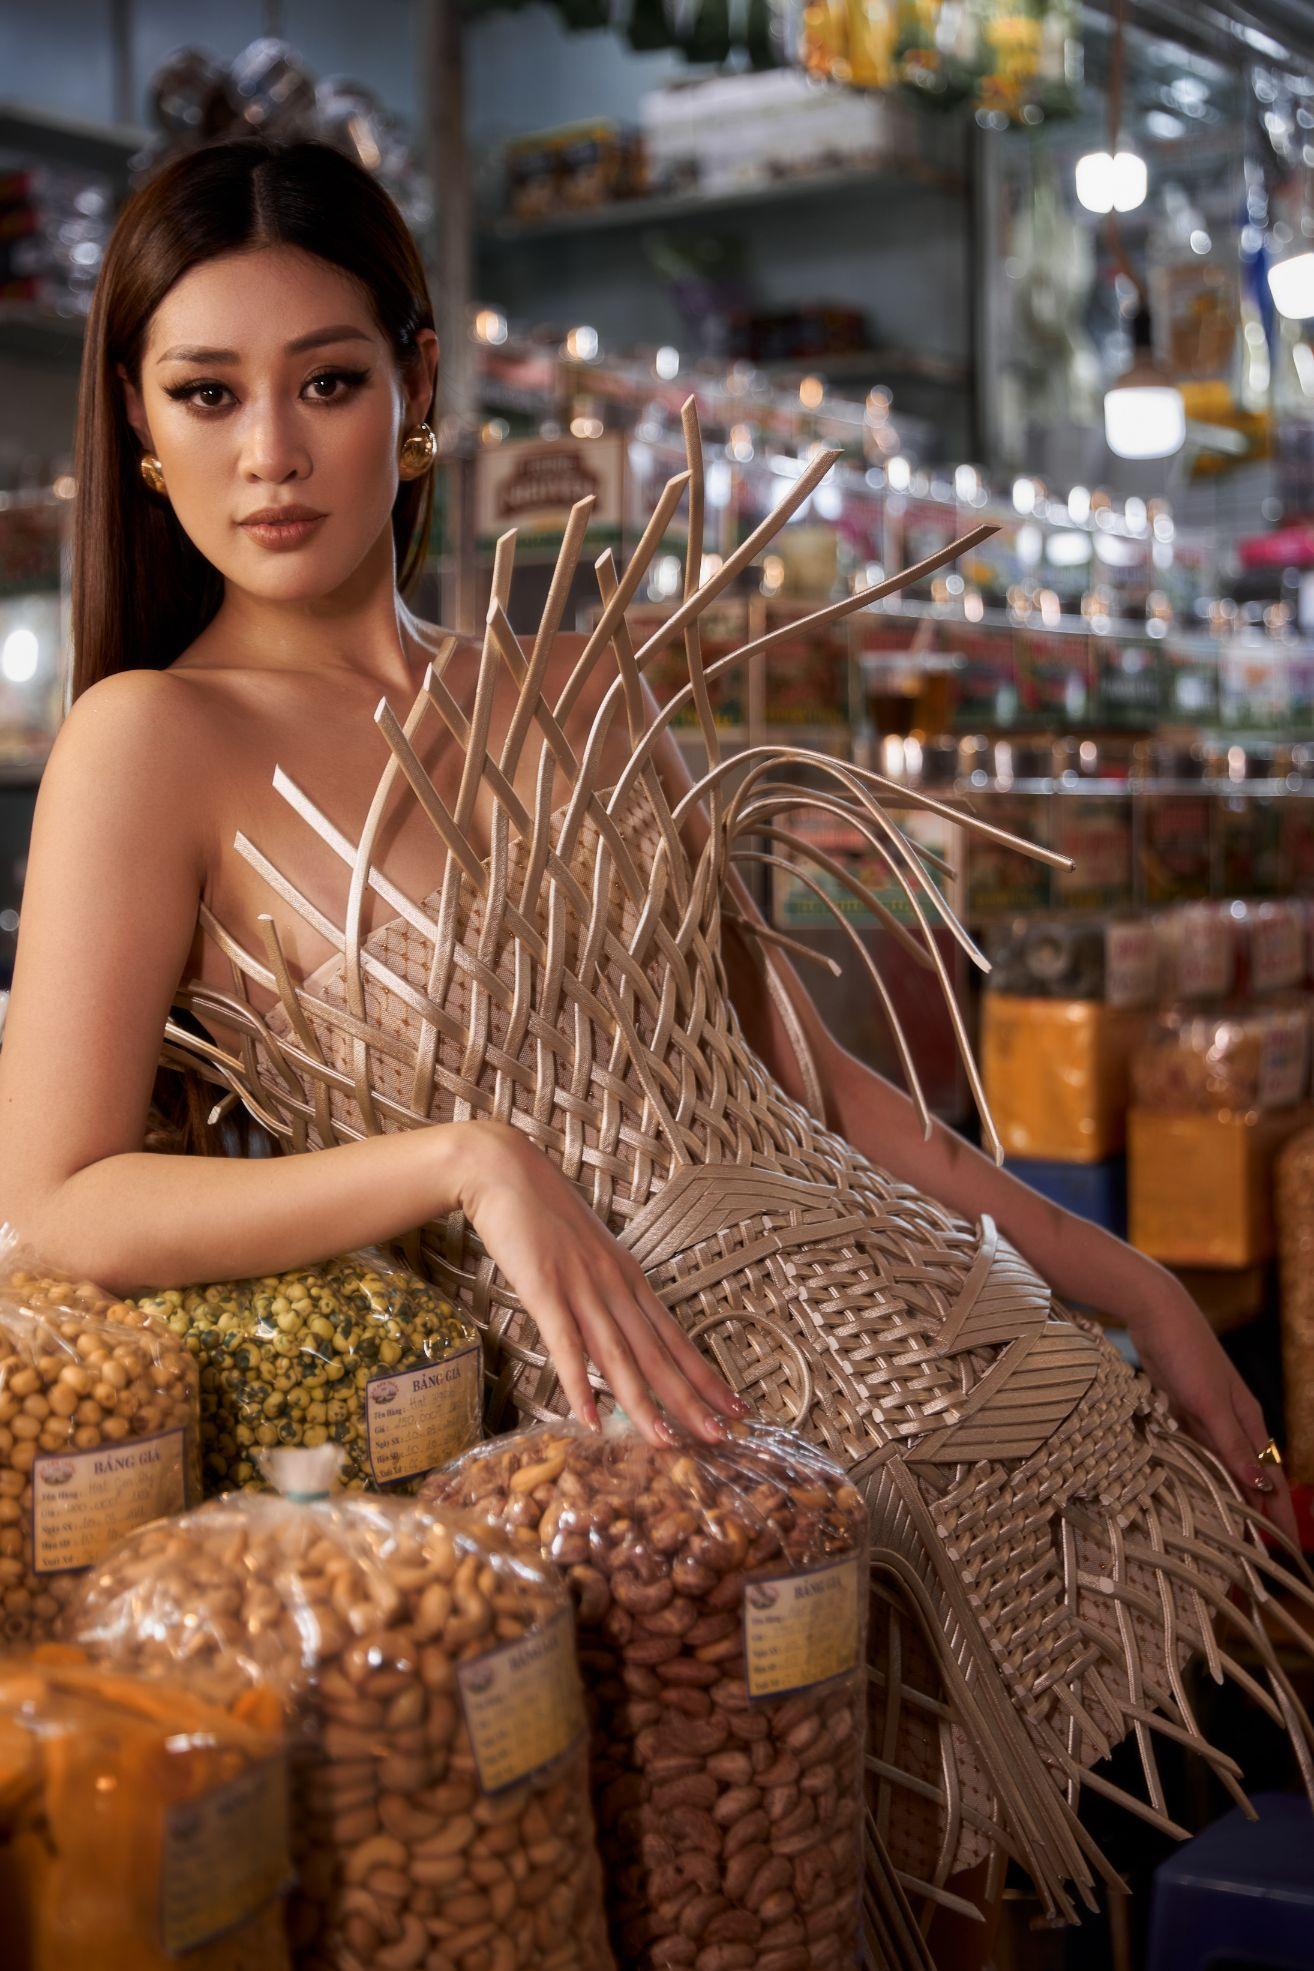 Hoa hau Khanh Van9 Hoa hậu Khánh Vân quảng bá TP.HCM thông qua trang phục tại Miss Universe